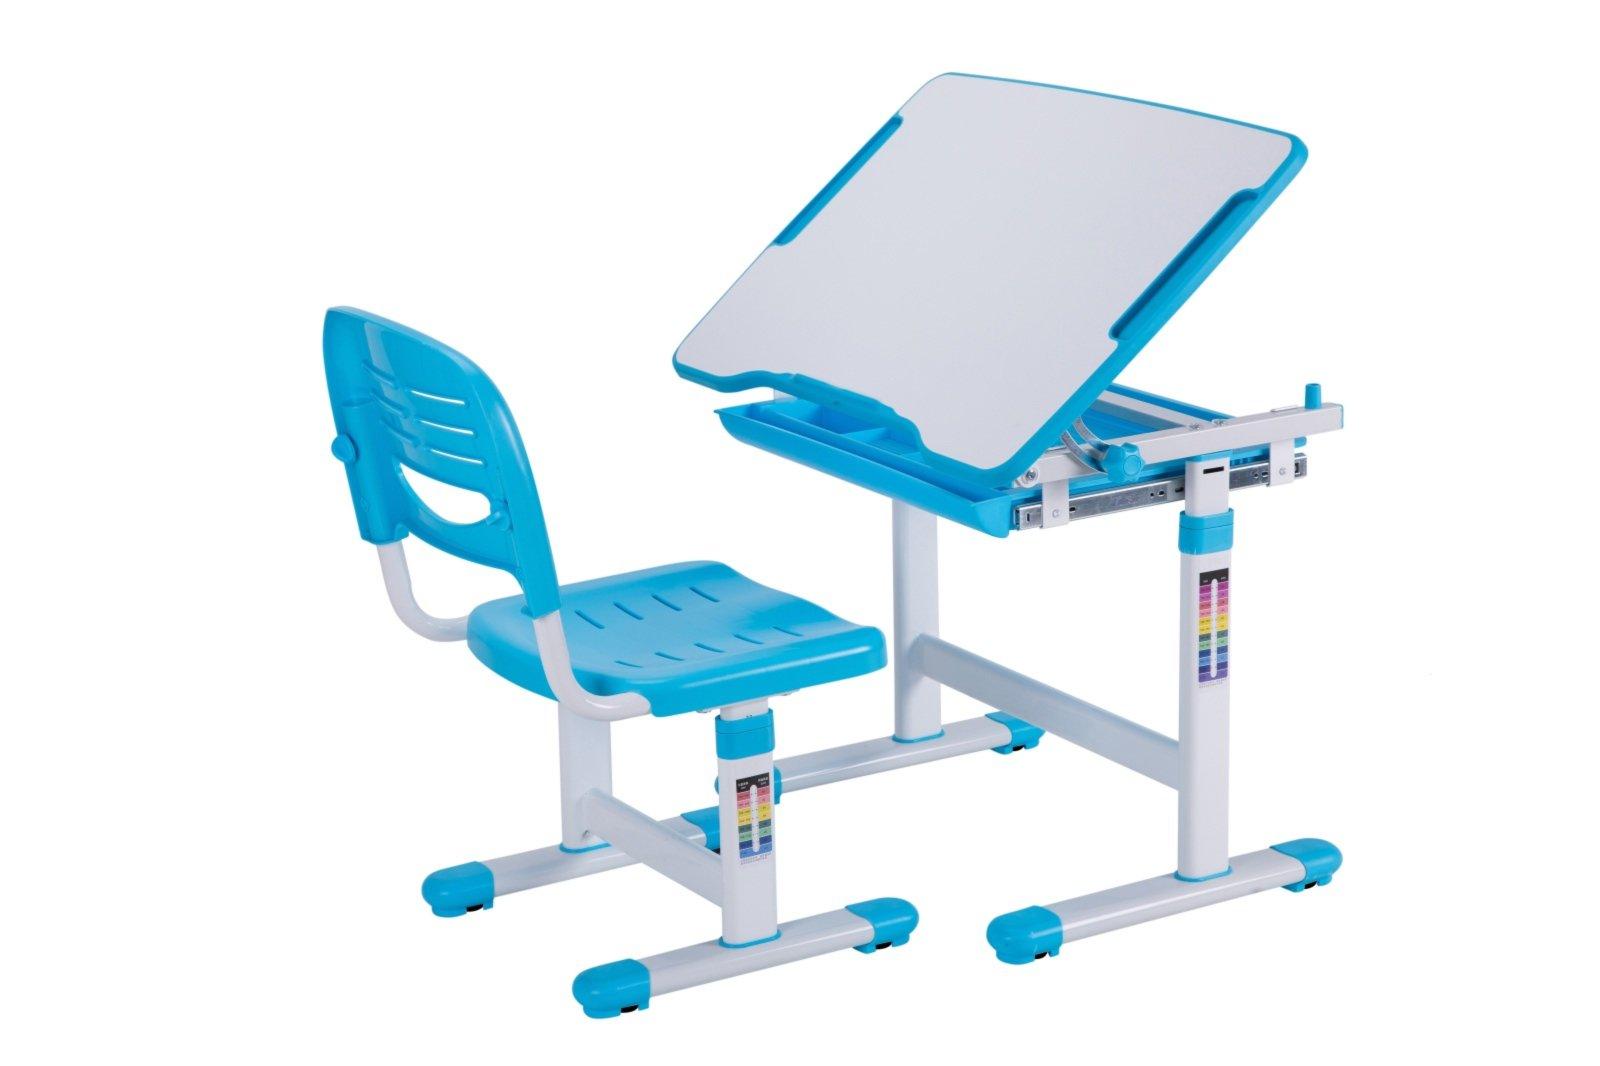 Kinderschreibtisch comfortline blau mit stuhl kinderschreibtische schreibtische m bel - Roller kinderschreibtisch ...